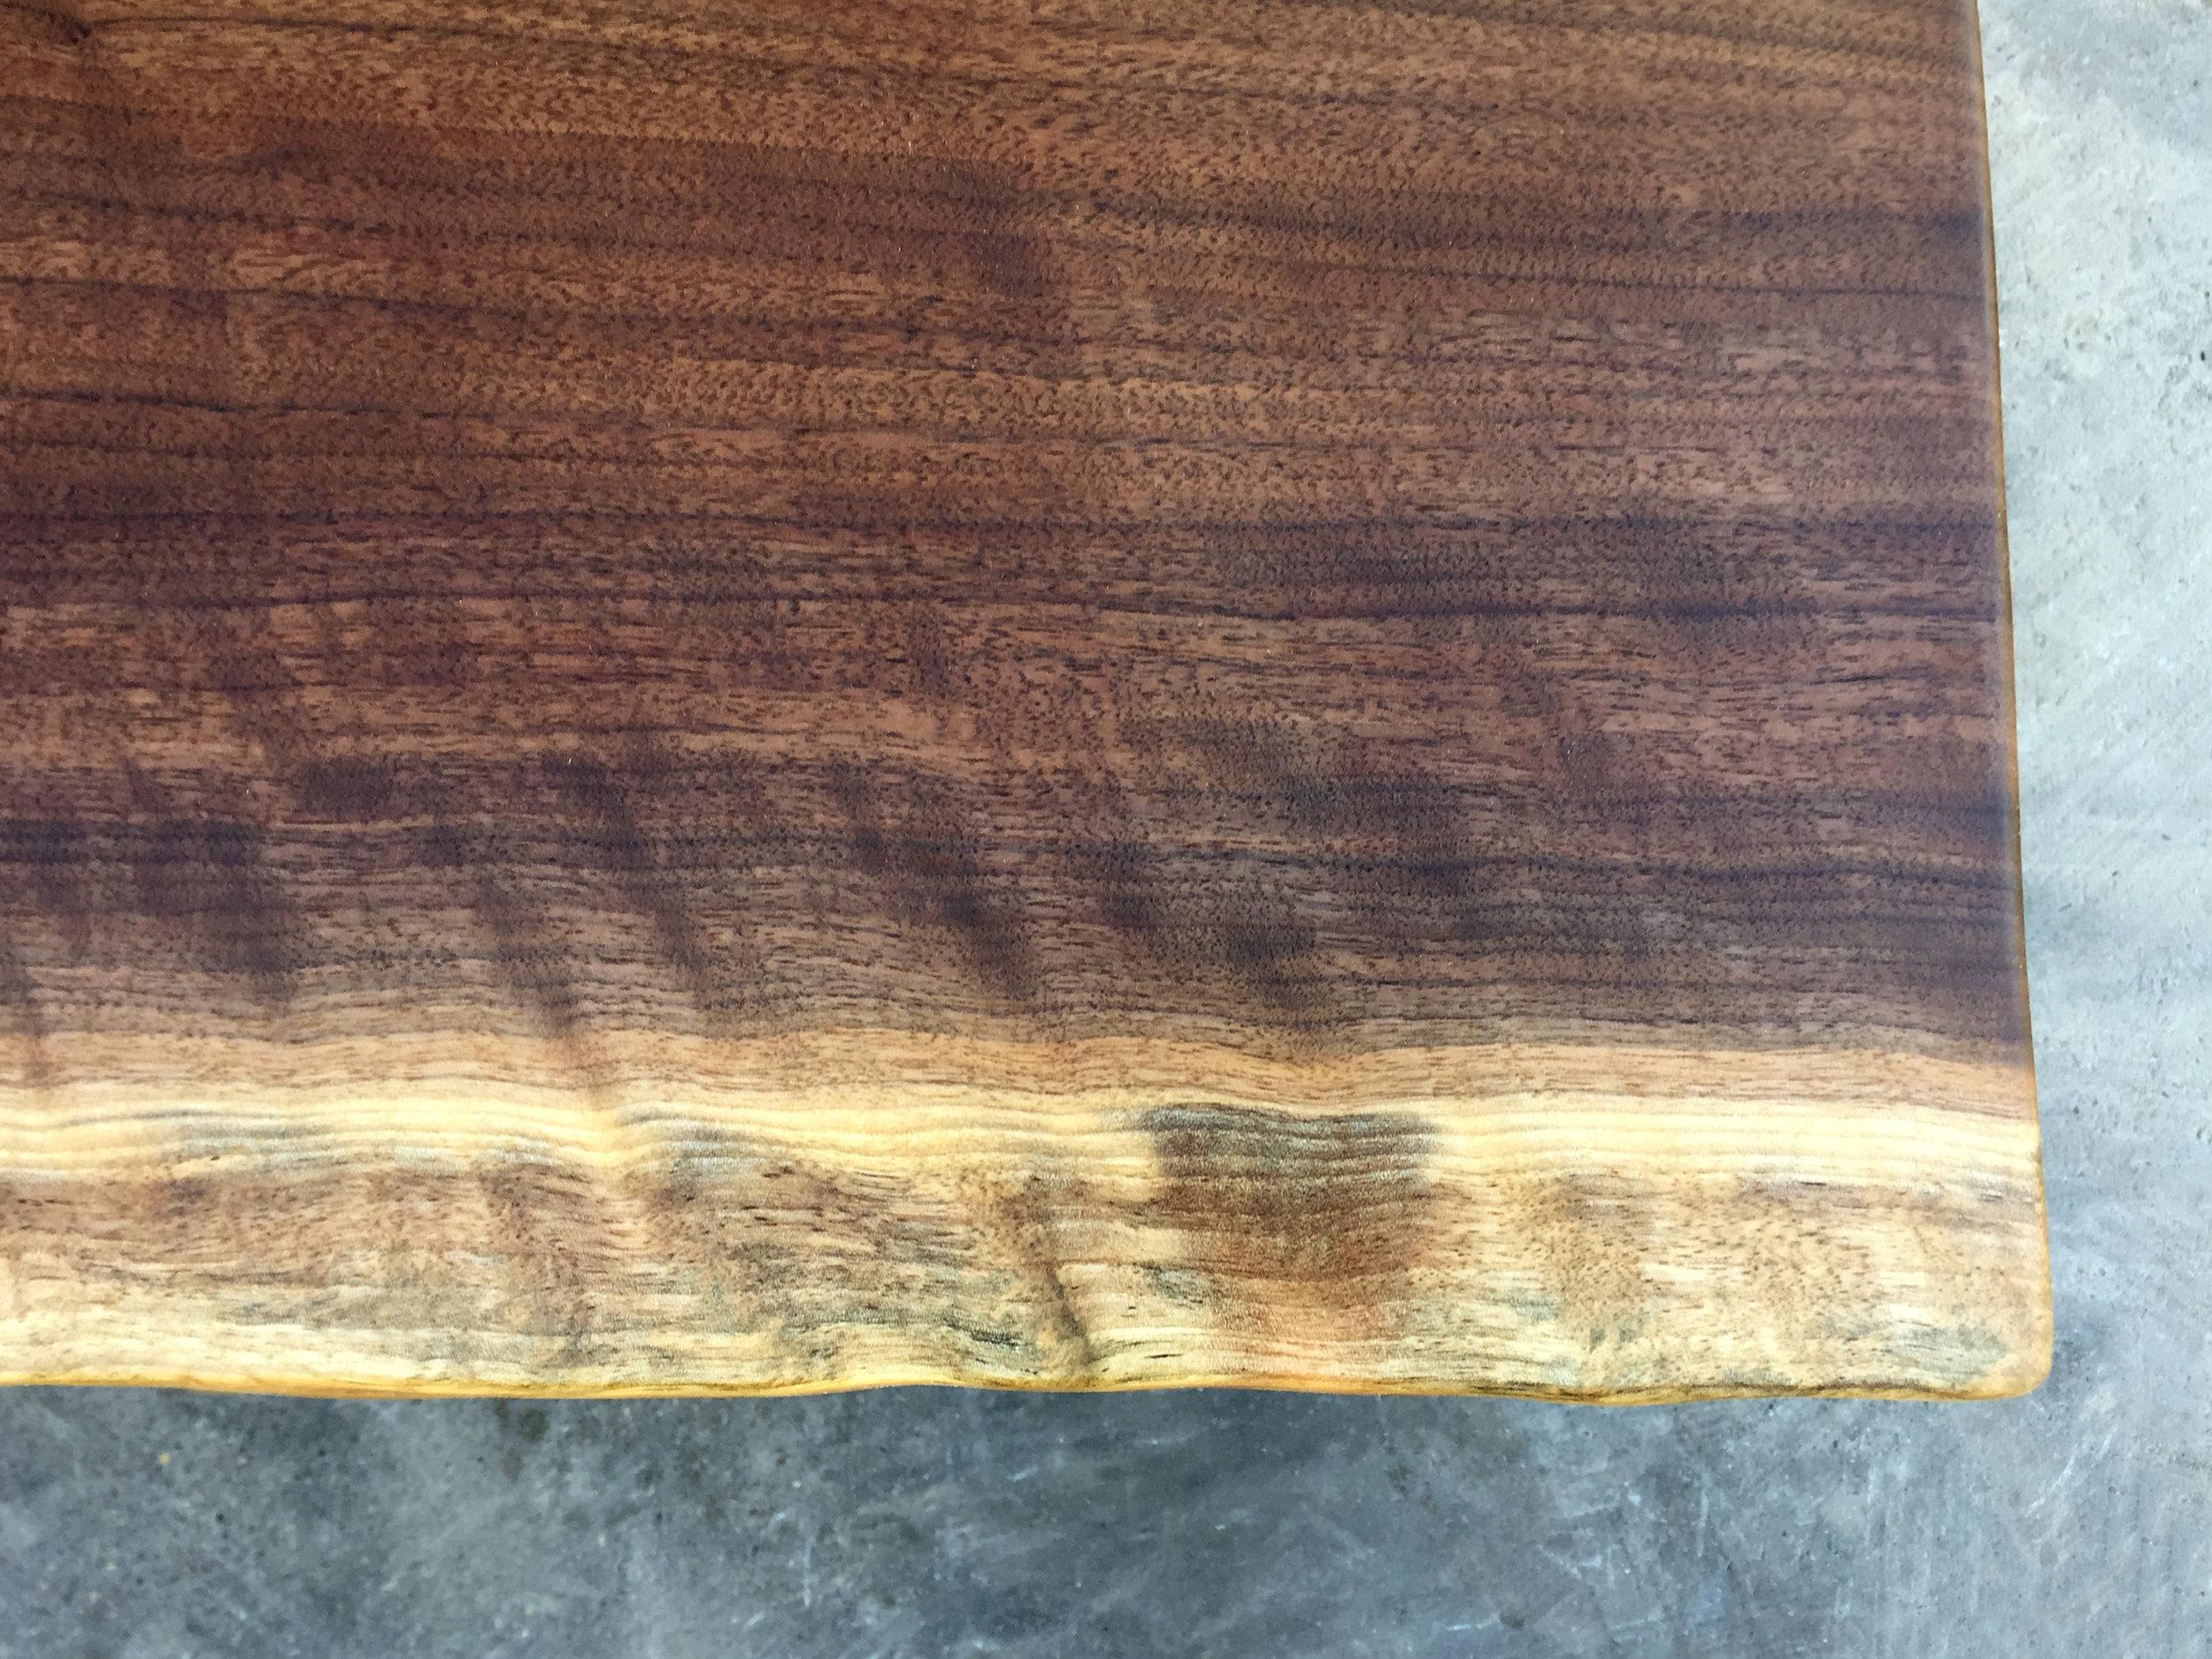 Black Walnut Natural Edge Coffee Table Minnesota.jpg